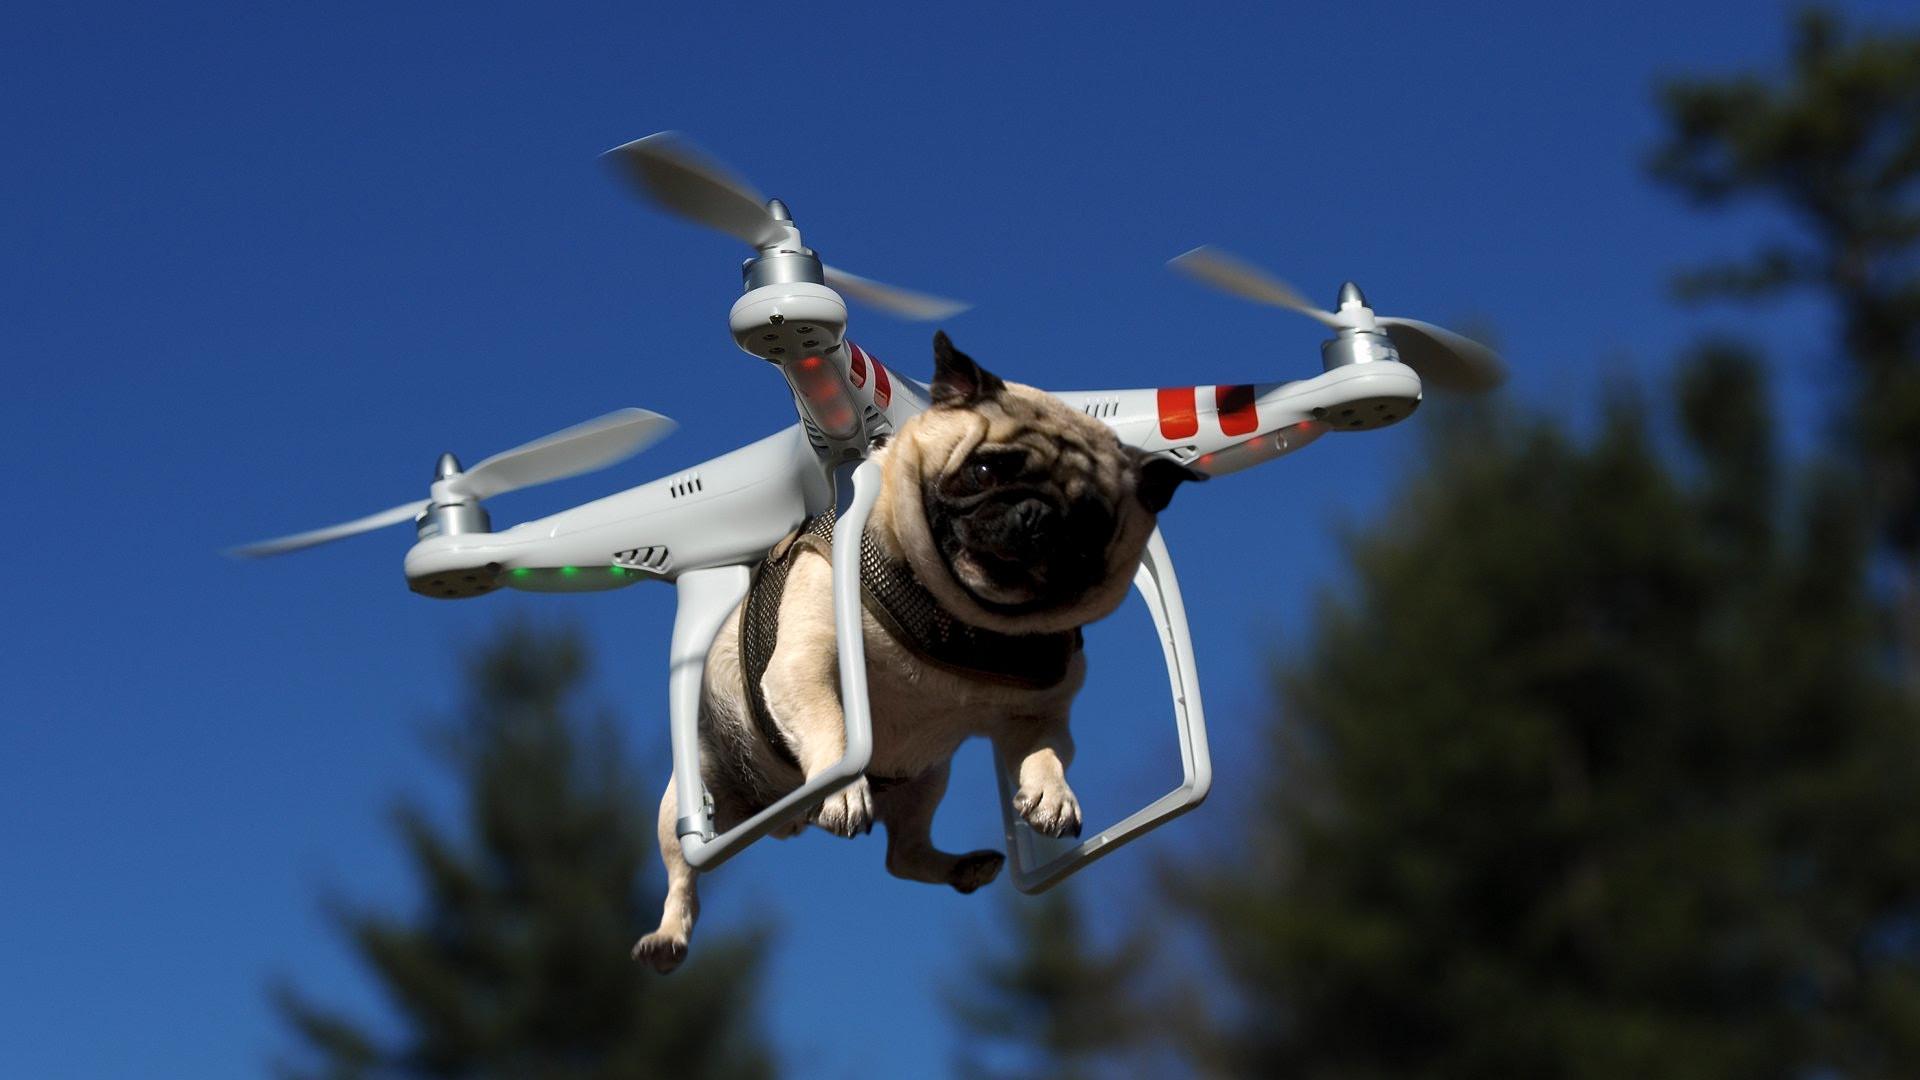 Профессии для дронов: кем они могут работать